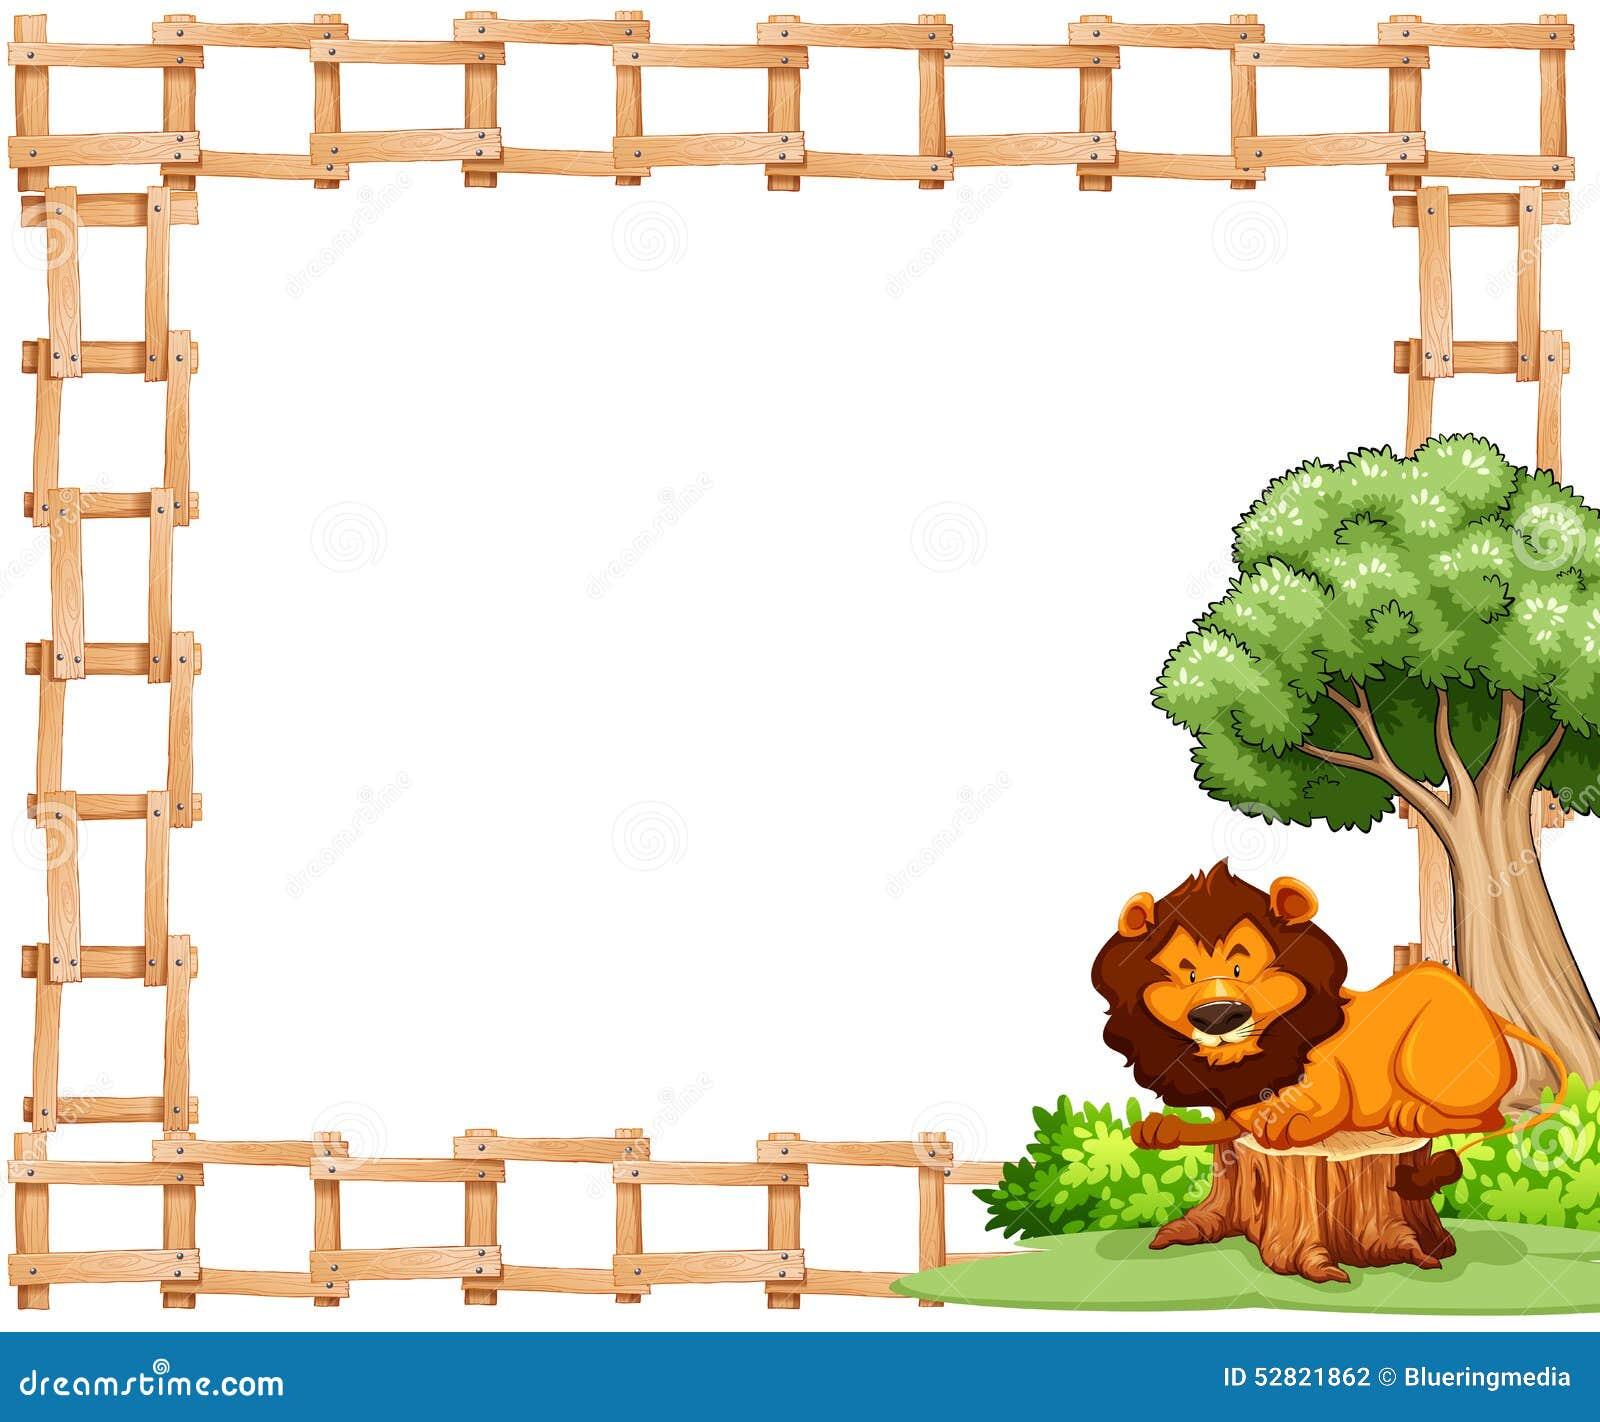 frame stock illustration image 52821862. Black Bedroom Furniture Sets. Home Design Ideas